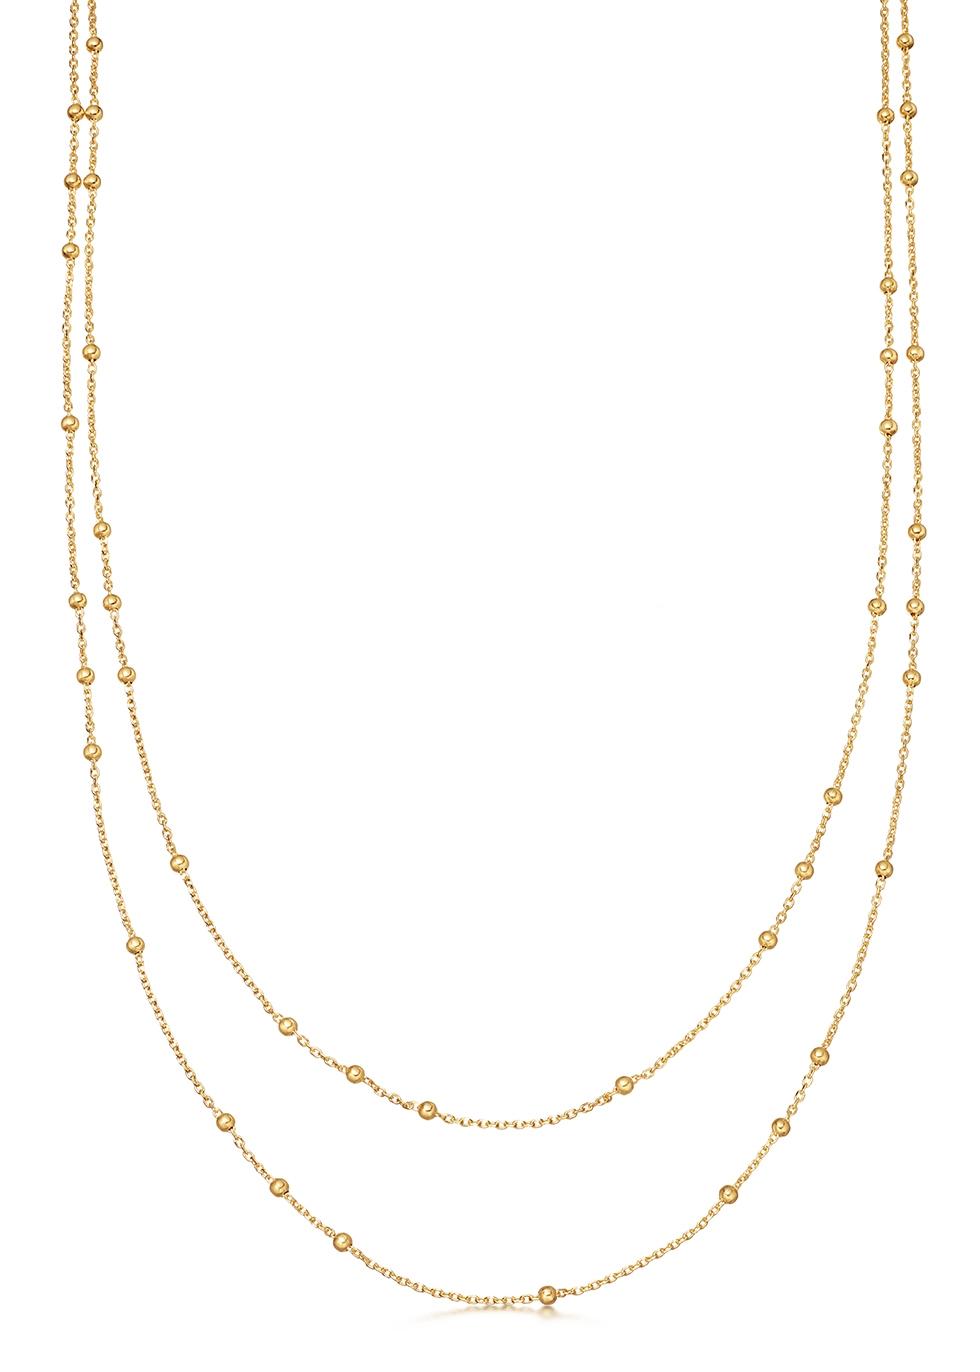 Double Chain 18kt gold vermeil necklace